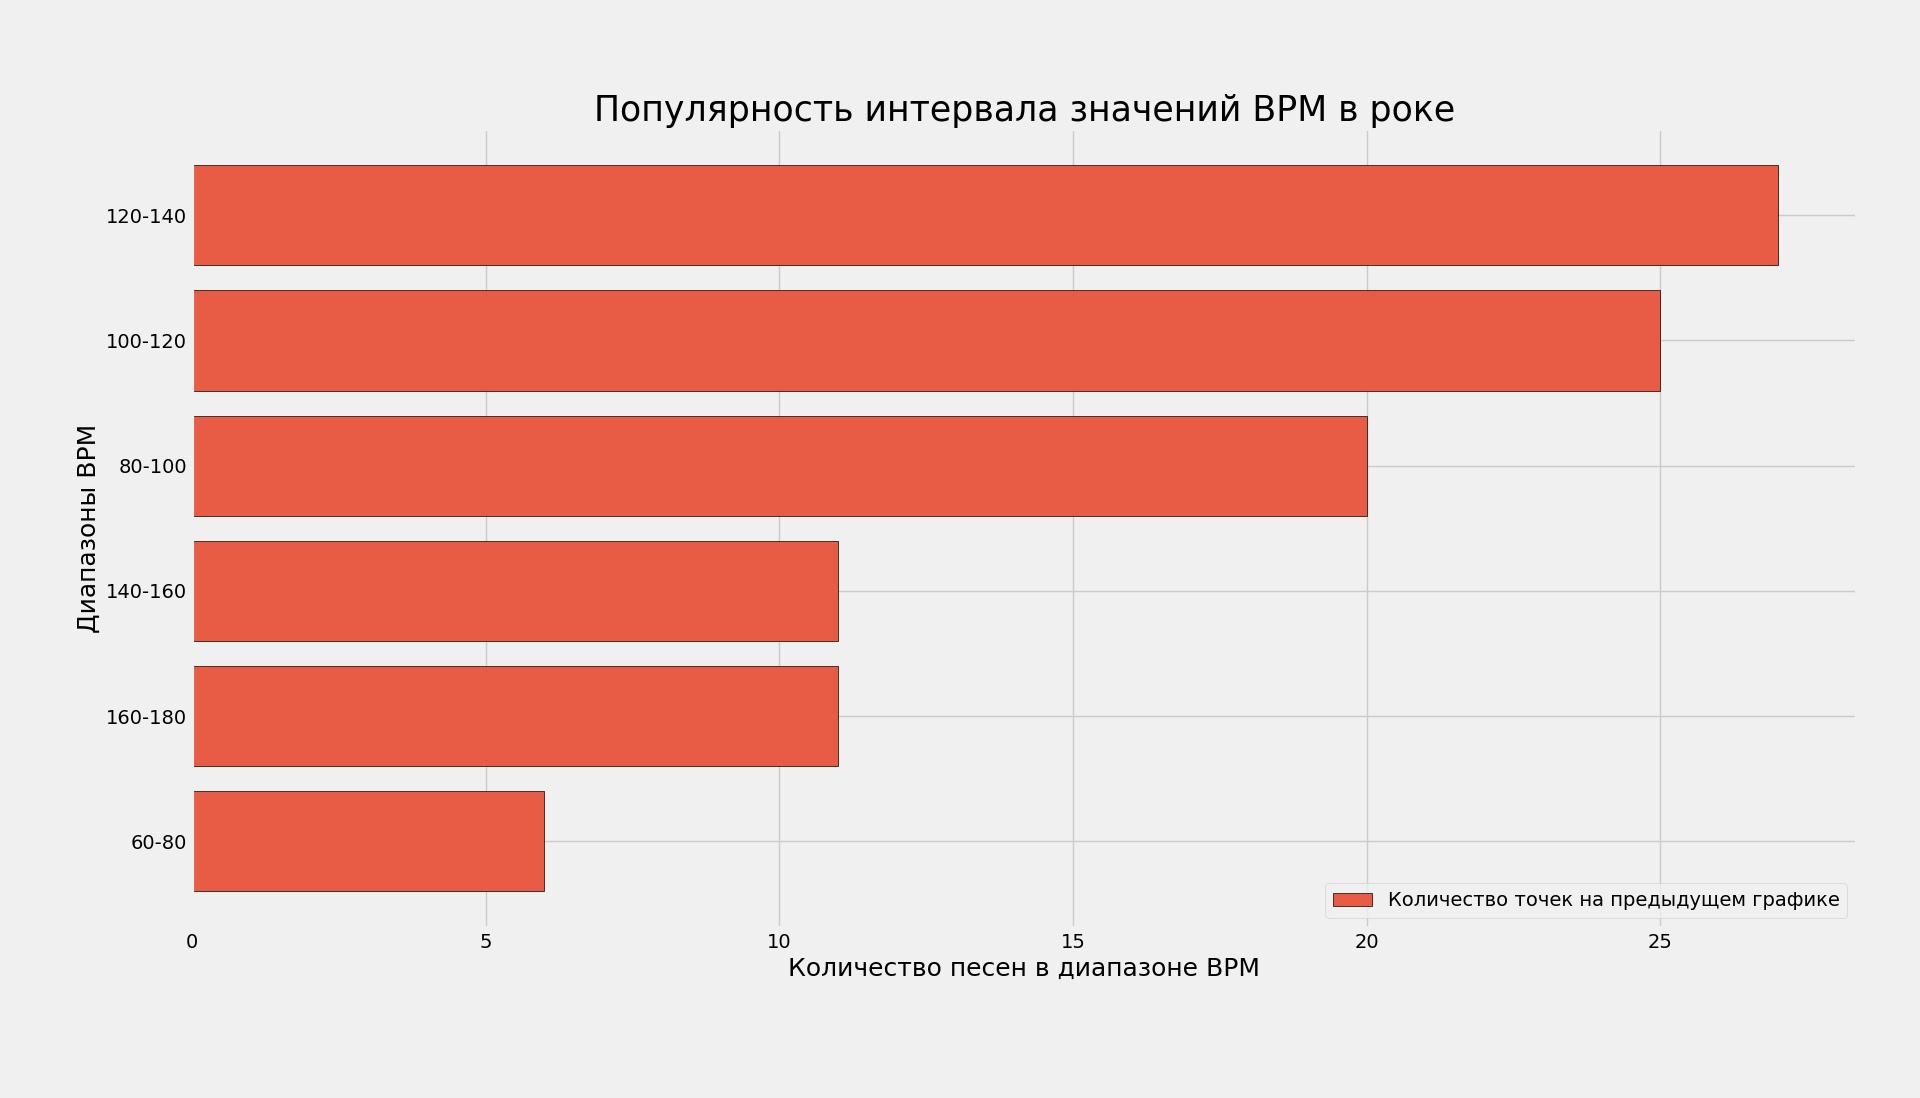 Самые популярные диапазоны: 120-140 и 100-120 BPM